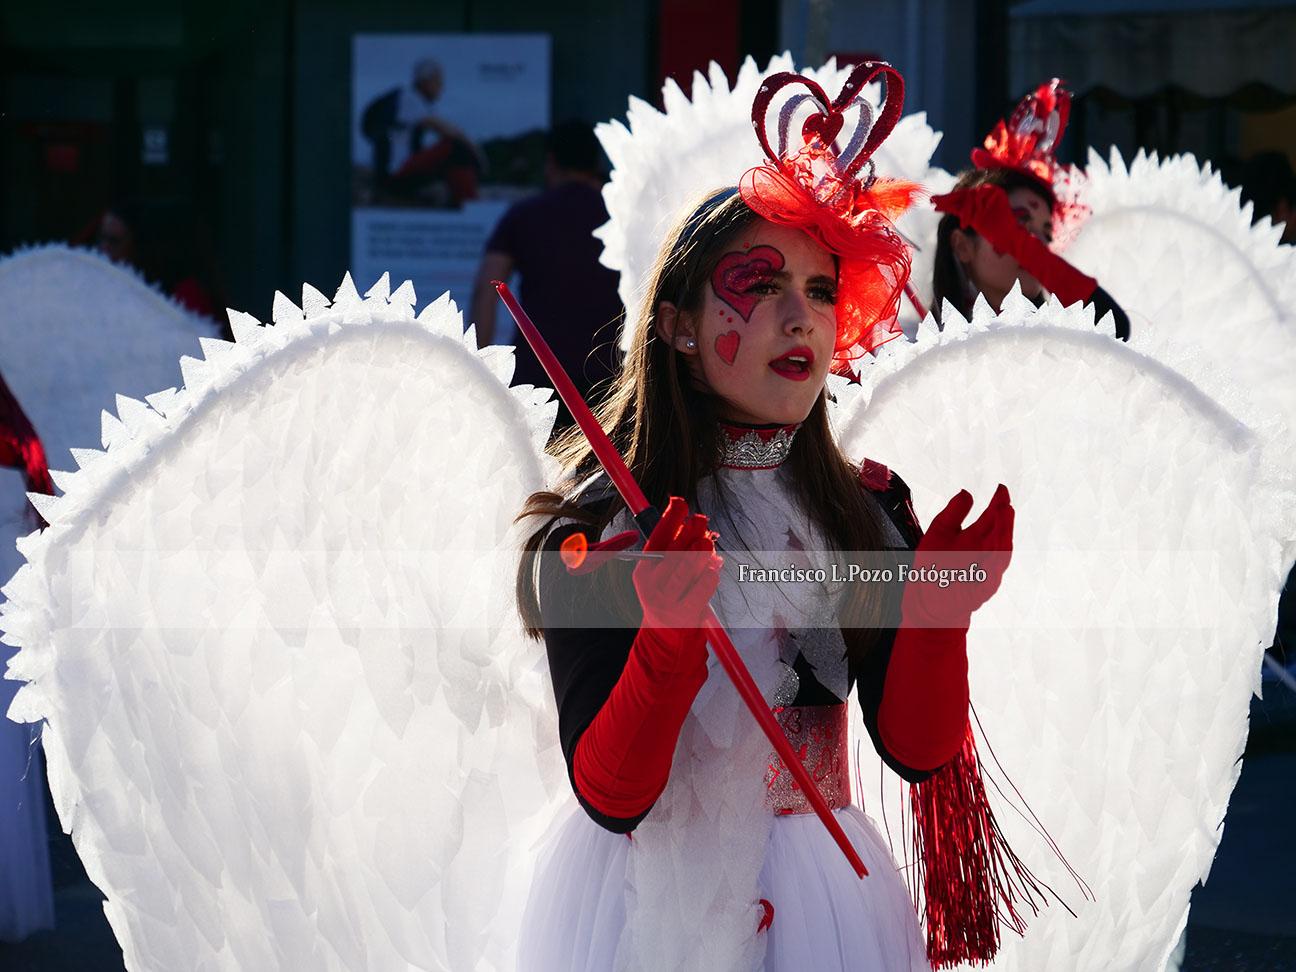 Carnaval 2020: Camponaraya sale a la calle a ritmo de comparsa 2